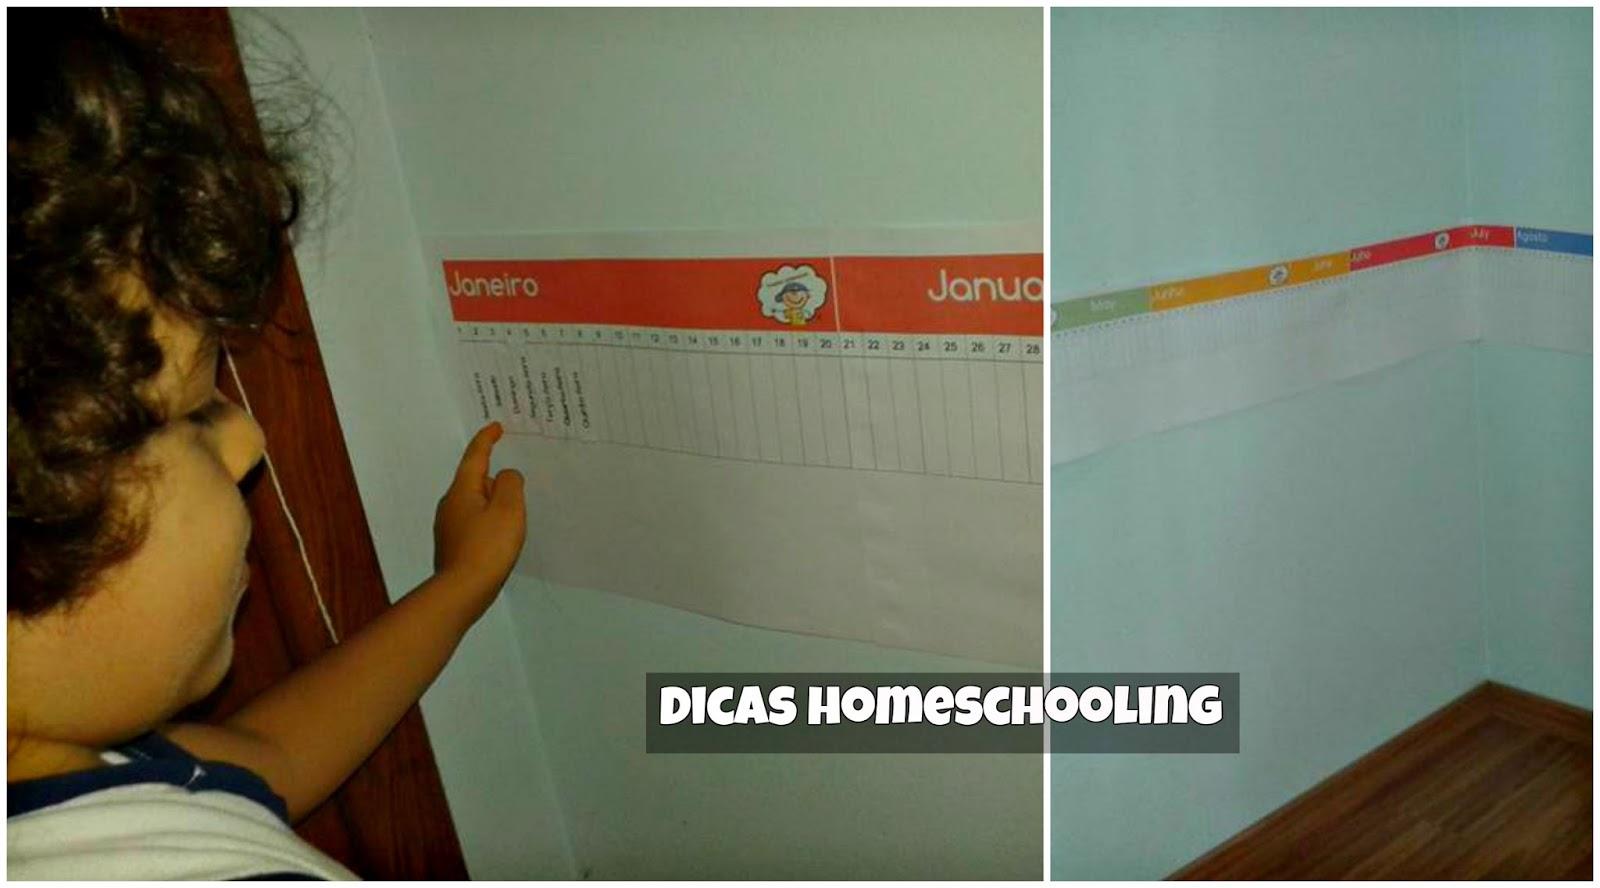 Calendario Montessori.Dicas Homeschooling Calendario Linear Montessori Bilingue Para